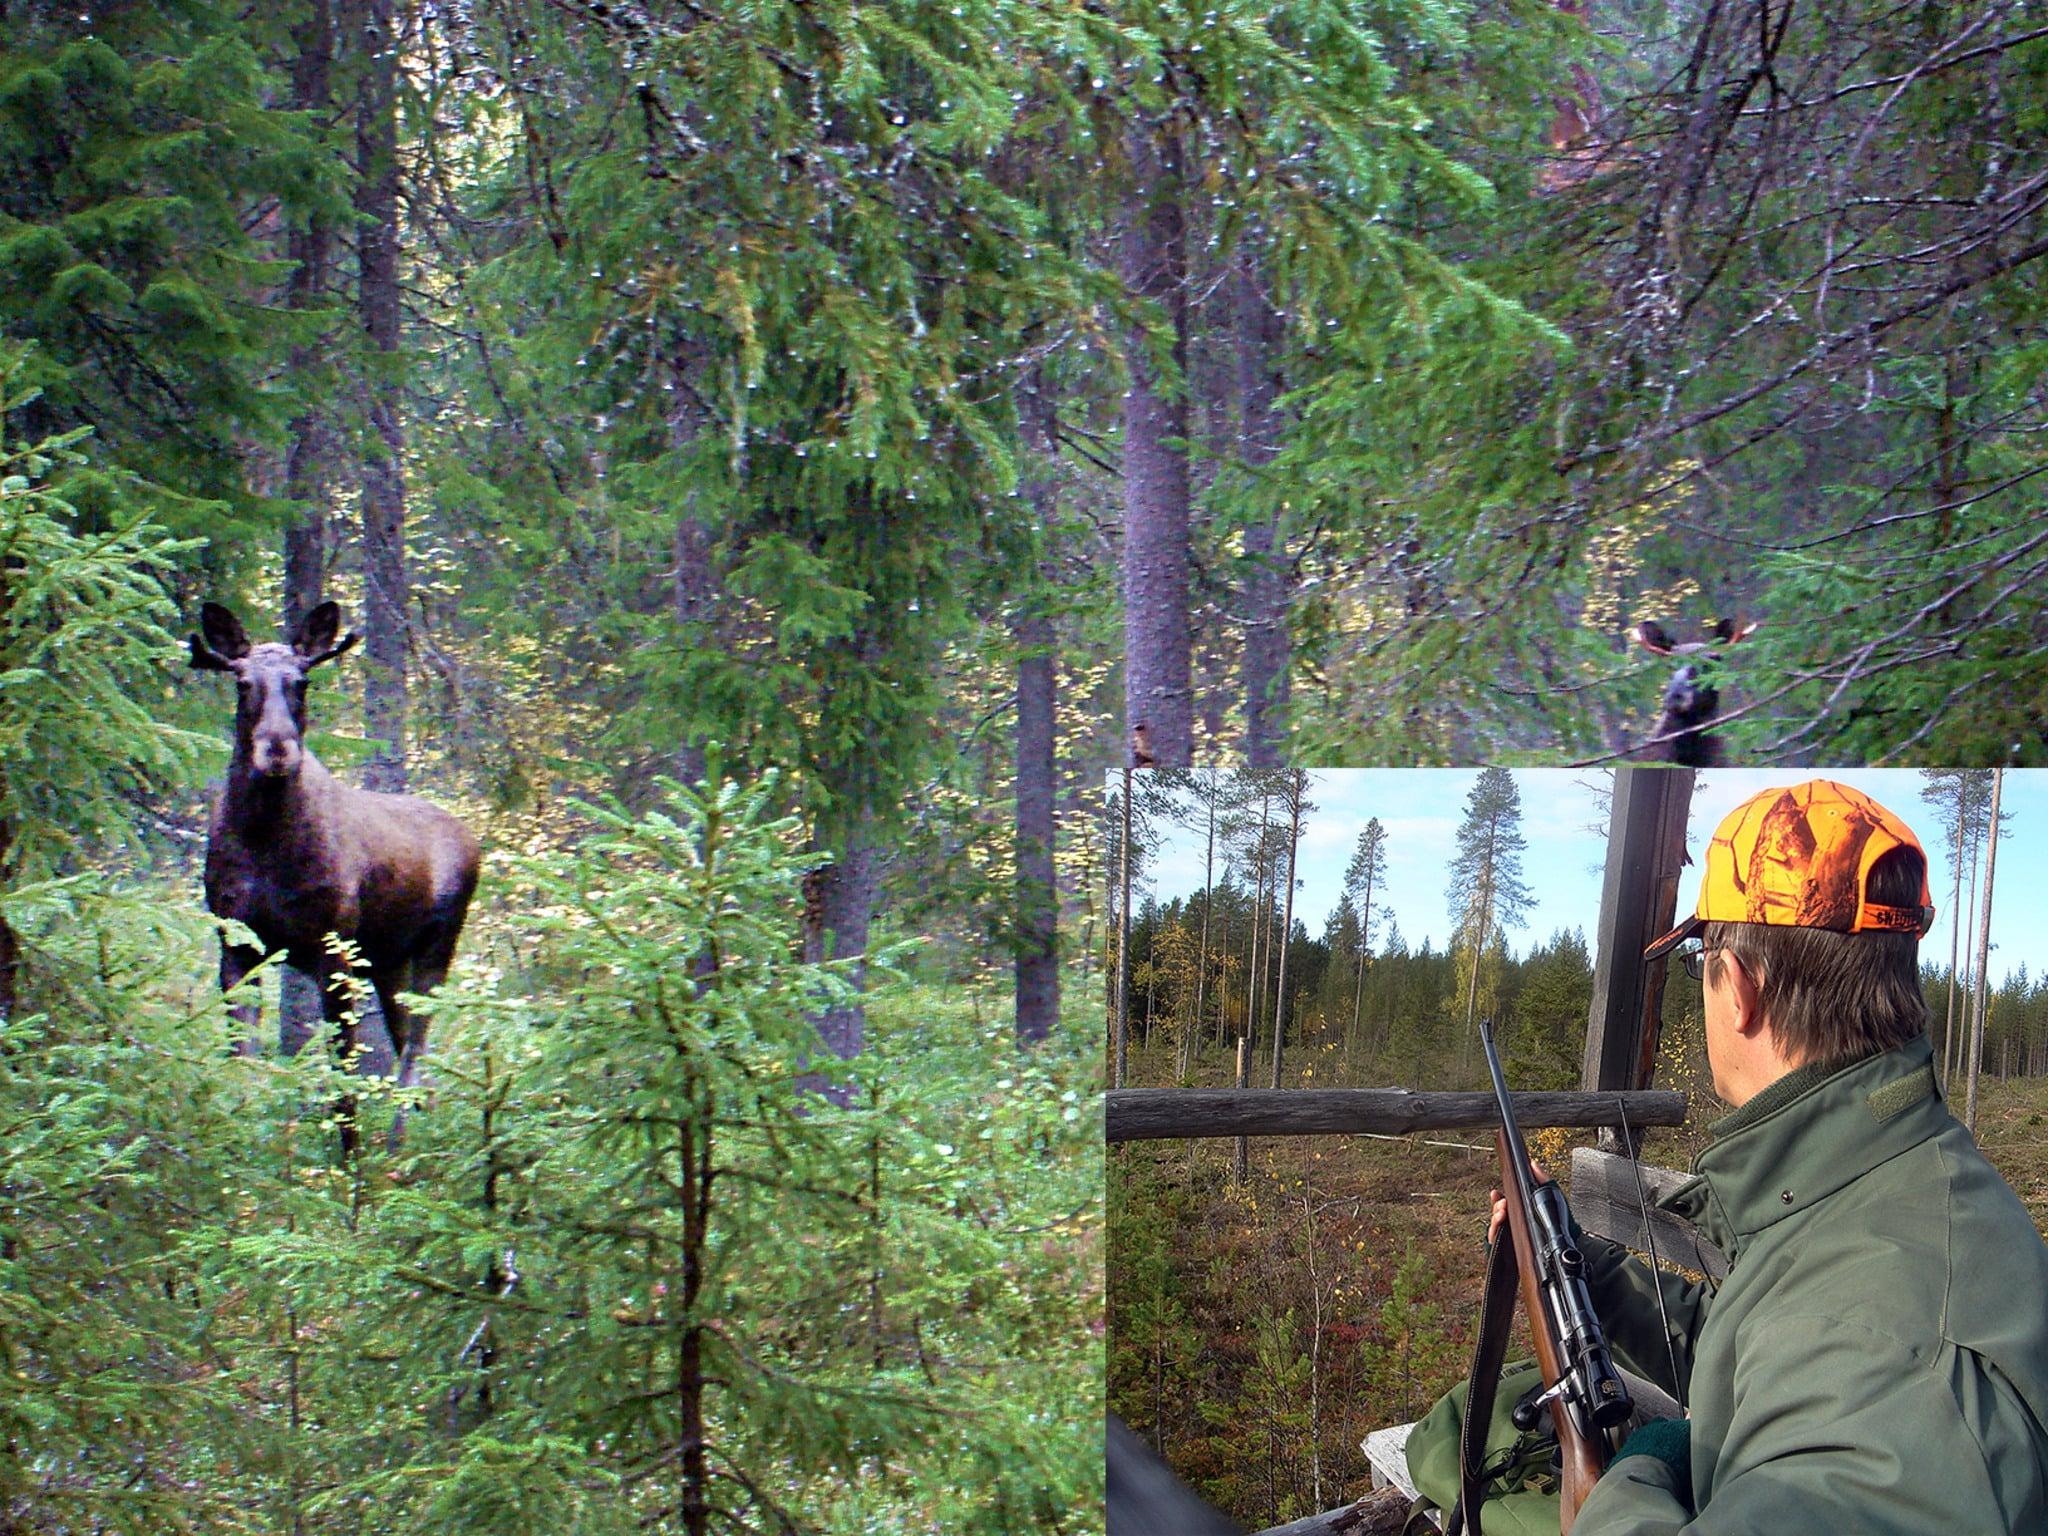 Det är inte ovanligt att älgtjuren kommer smygande i skydd av skogen när du lockar. Nyttja jakttornen att locka från. Du får bättre sikt och undviker problemet med markvittring. Kolla dock så att tornet är stadigt och inte väsnas.Foto: Lars-Henrik Andersson (Bilden är ett montage)